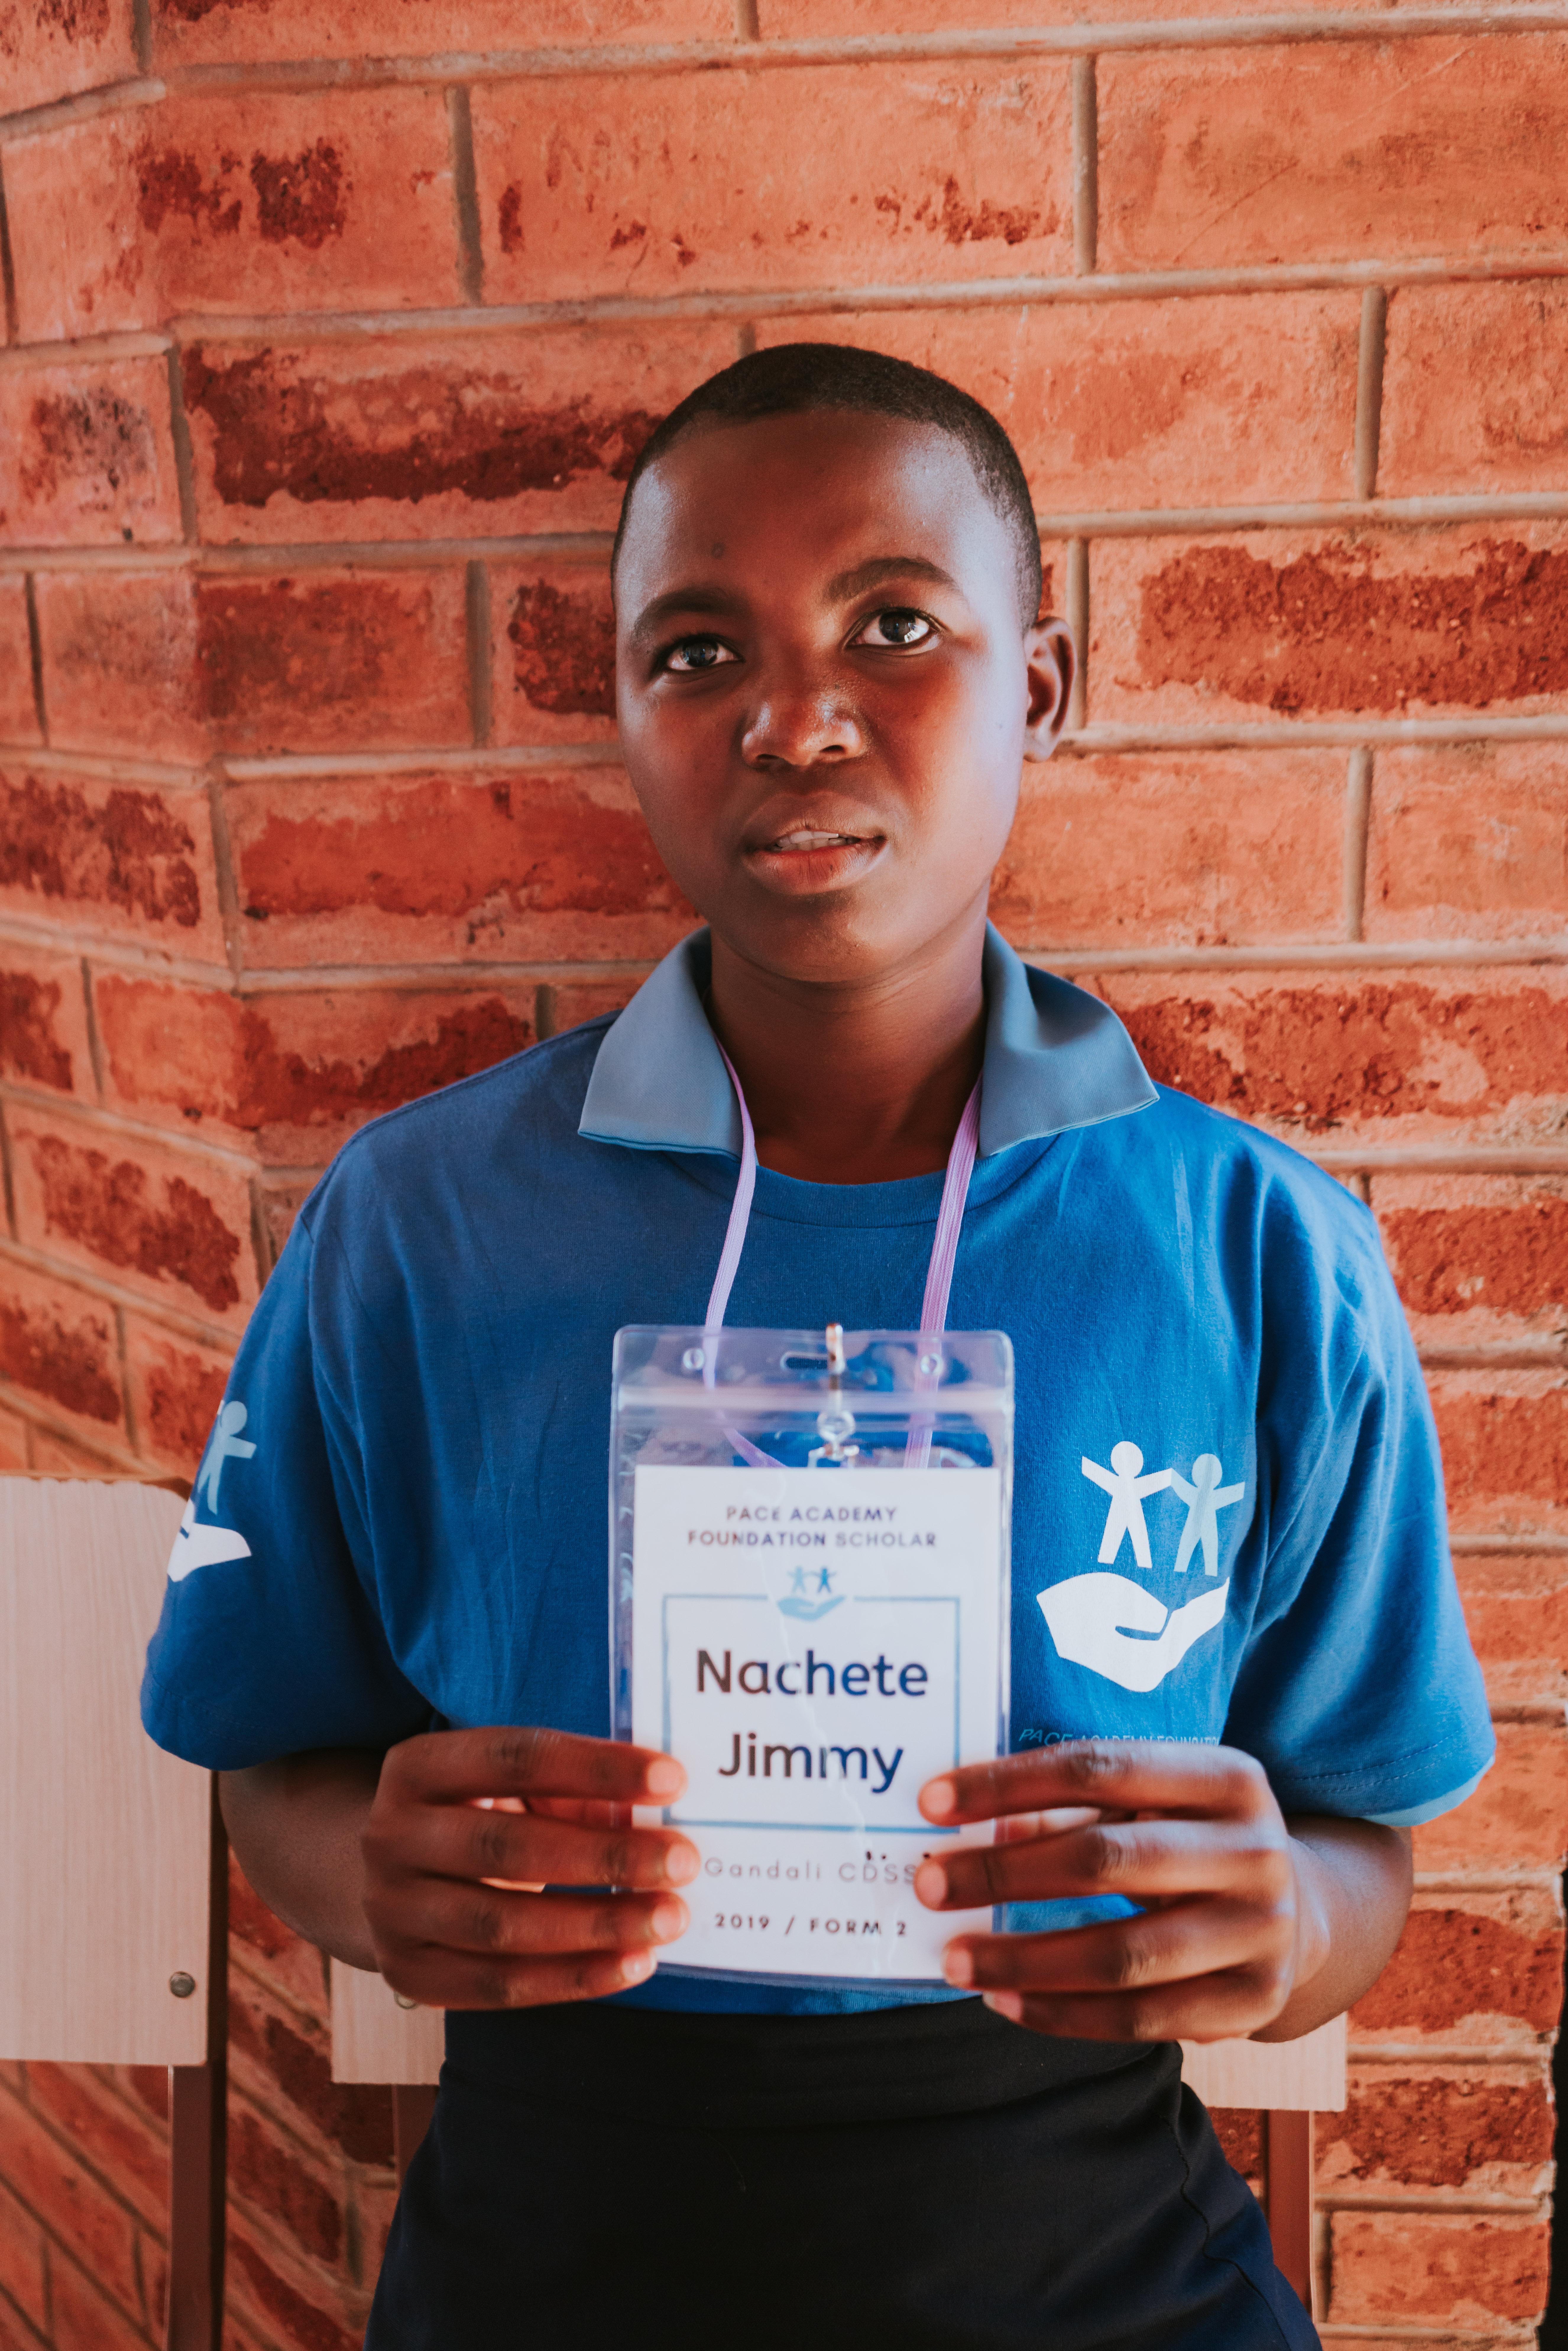 Nachete Jimmy (Gandali CDSS)